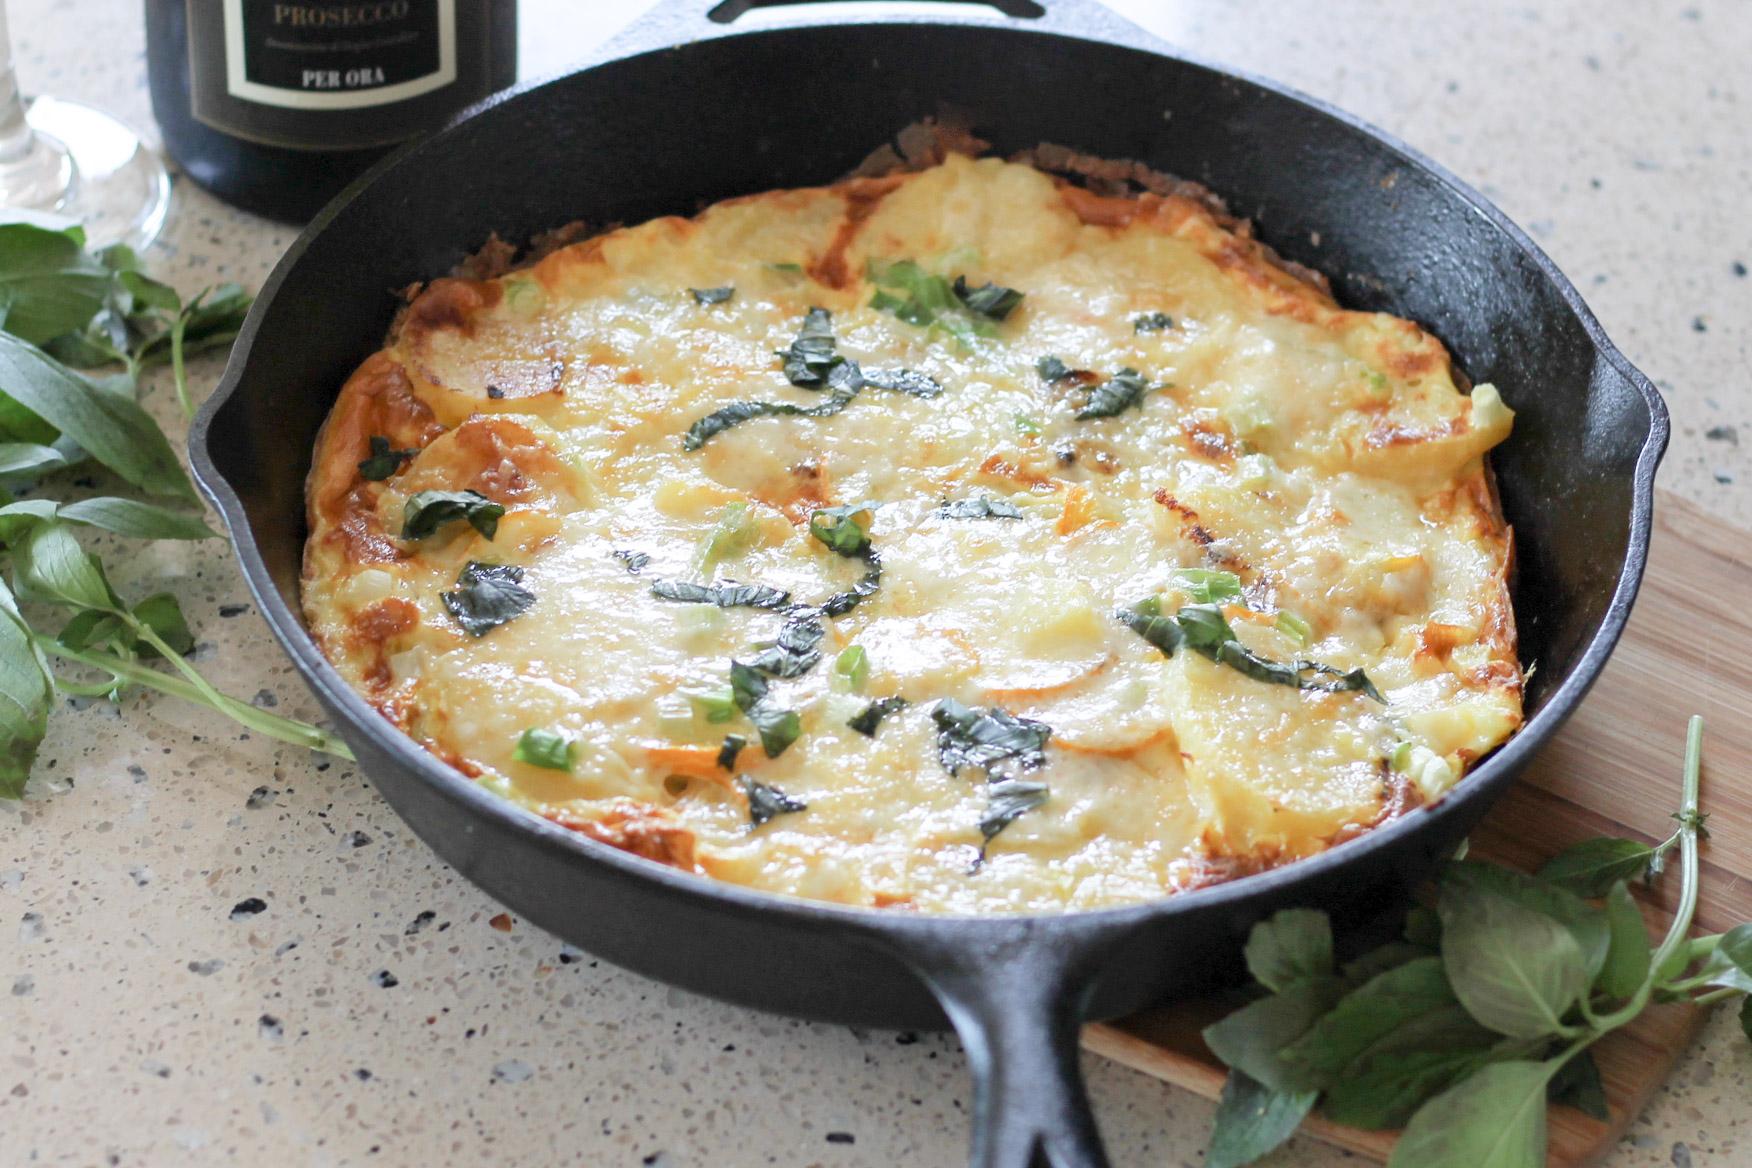 Potato Zucchini Frittata | DIVERSE DINNERS